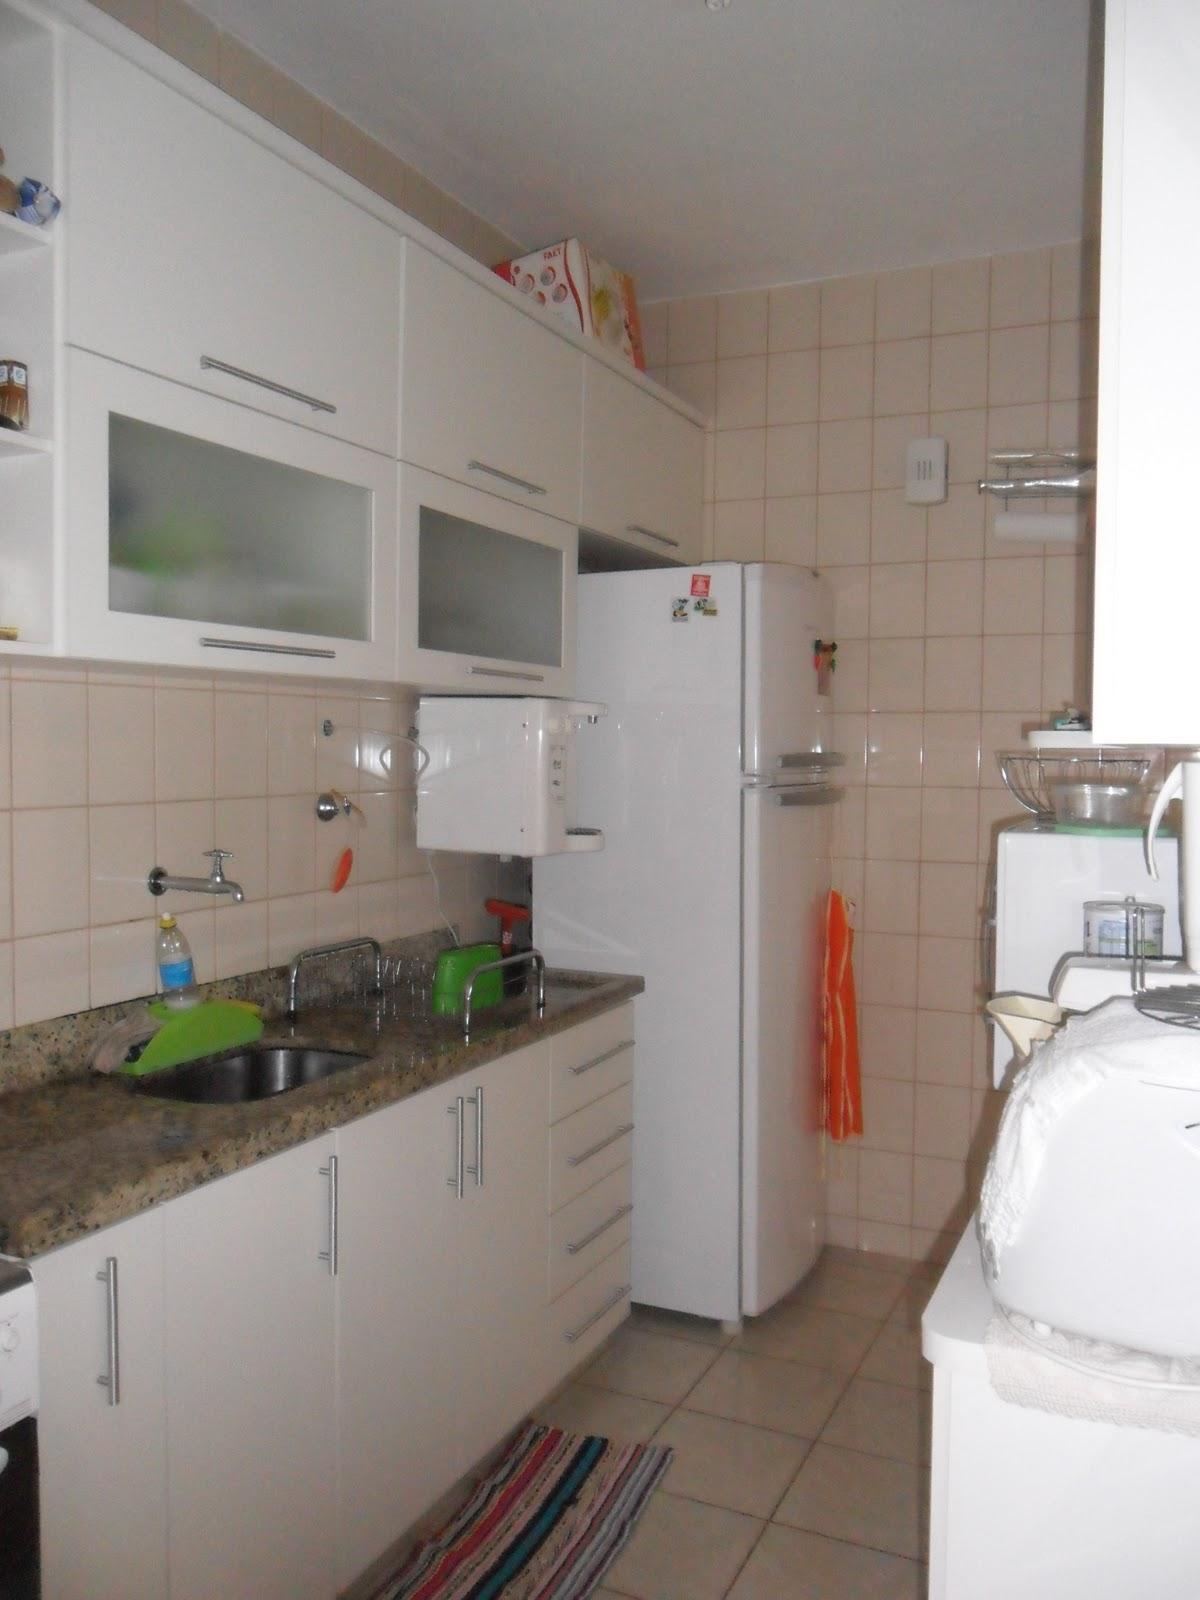 Cozinha com alterações: acréscimo de azulejos #486A2B 1200x1600 Banheiro Com Azulejo Ate A Metade